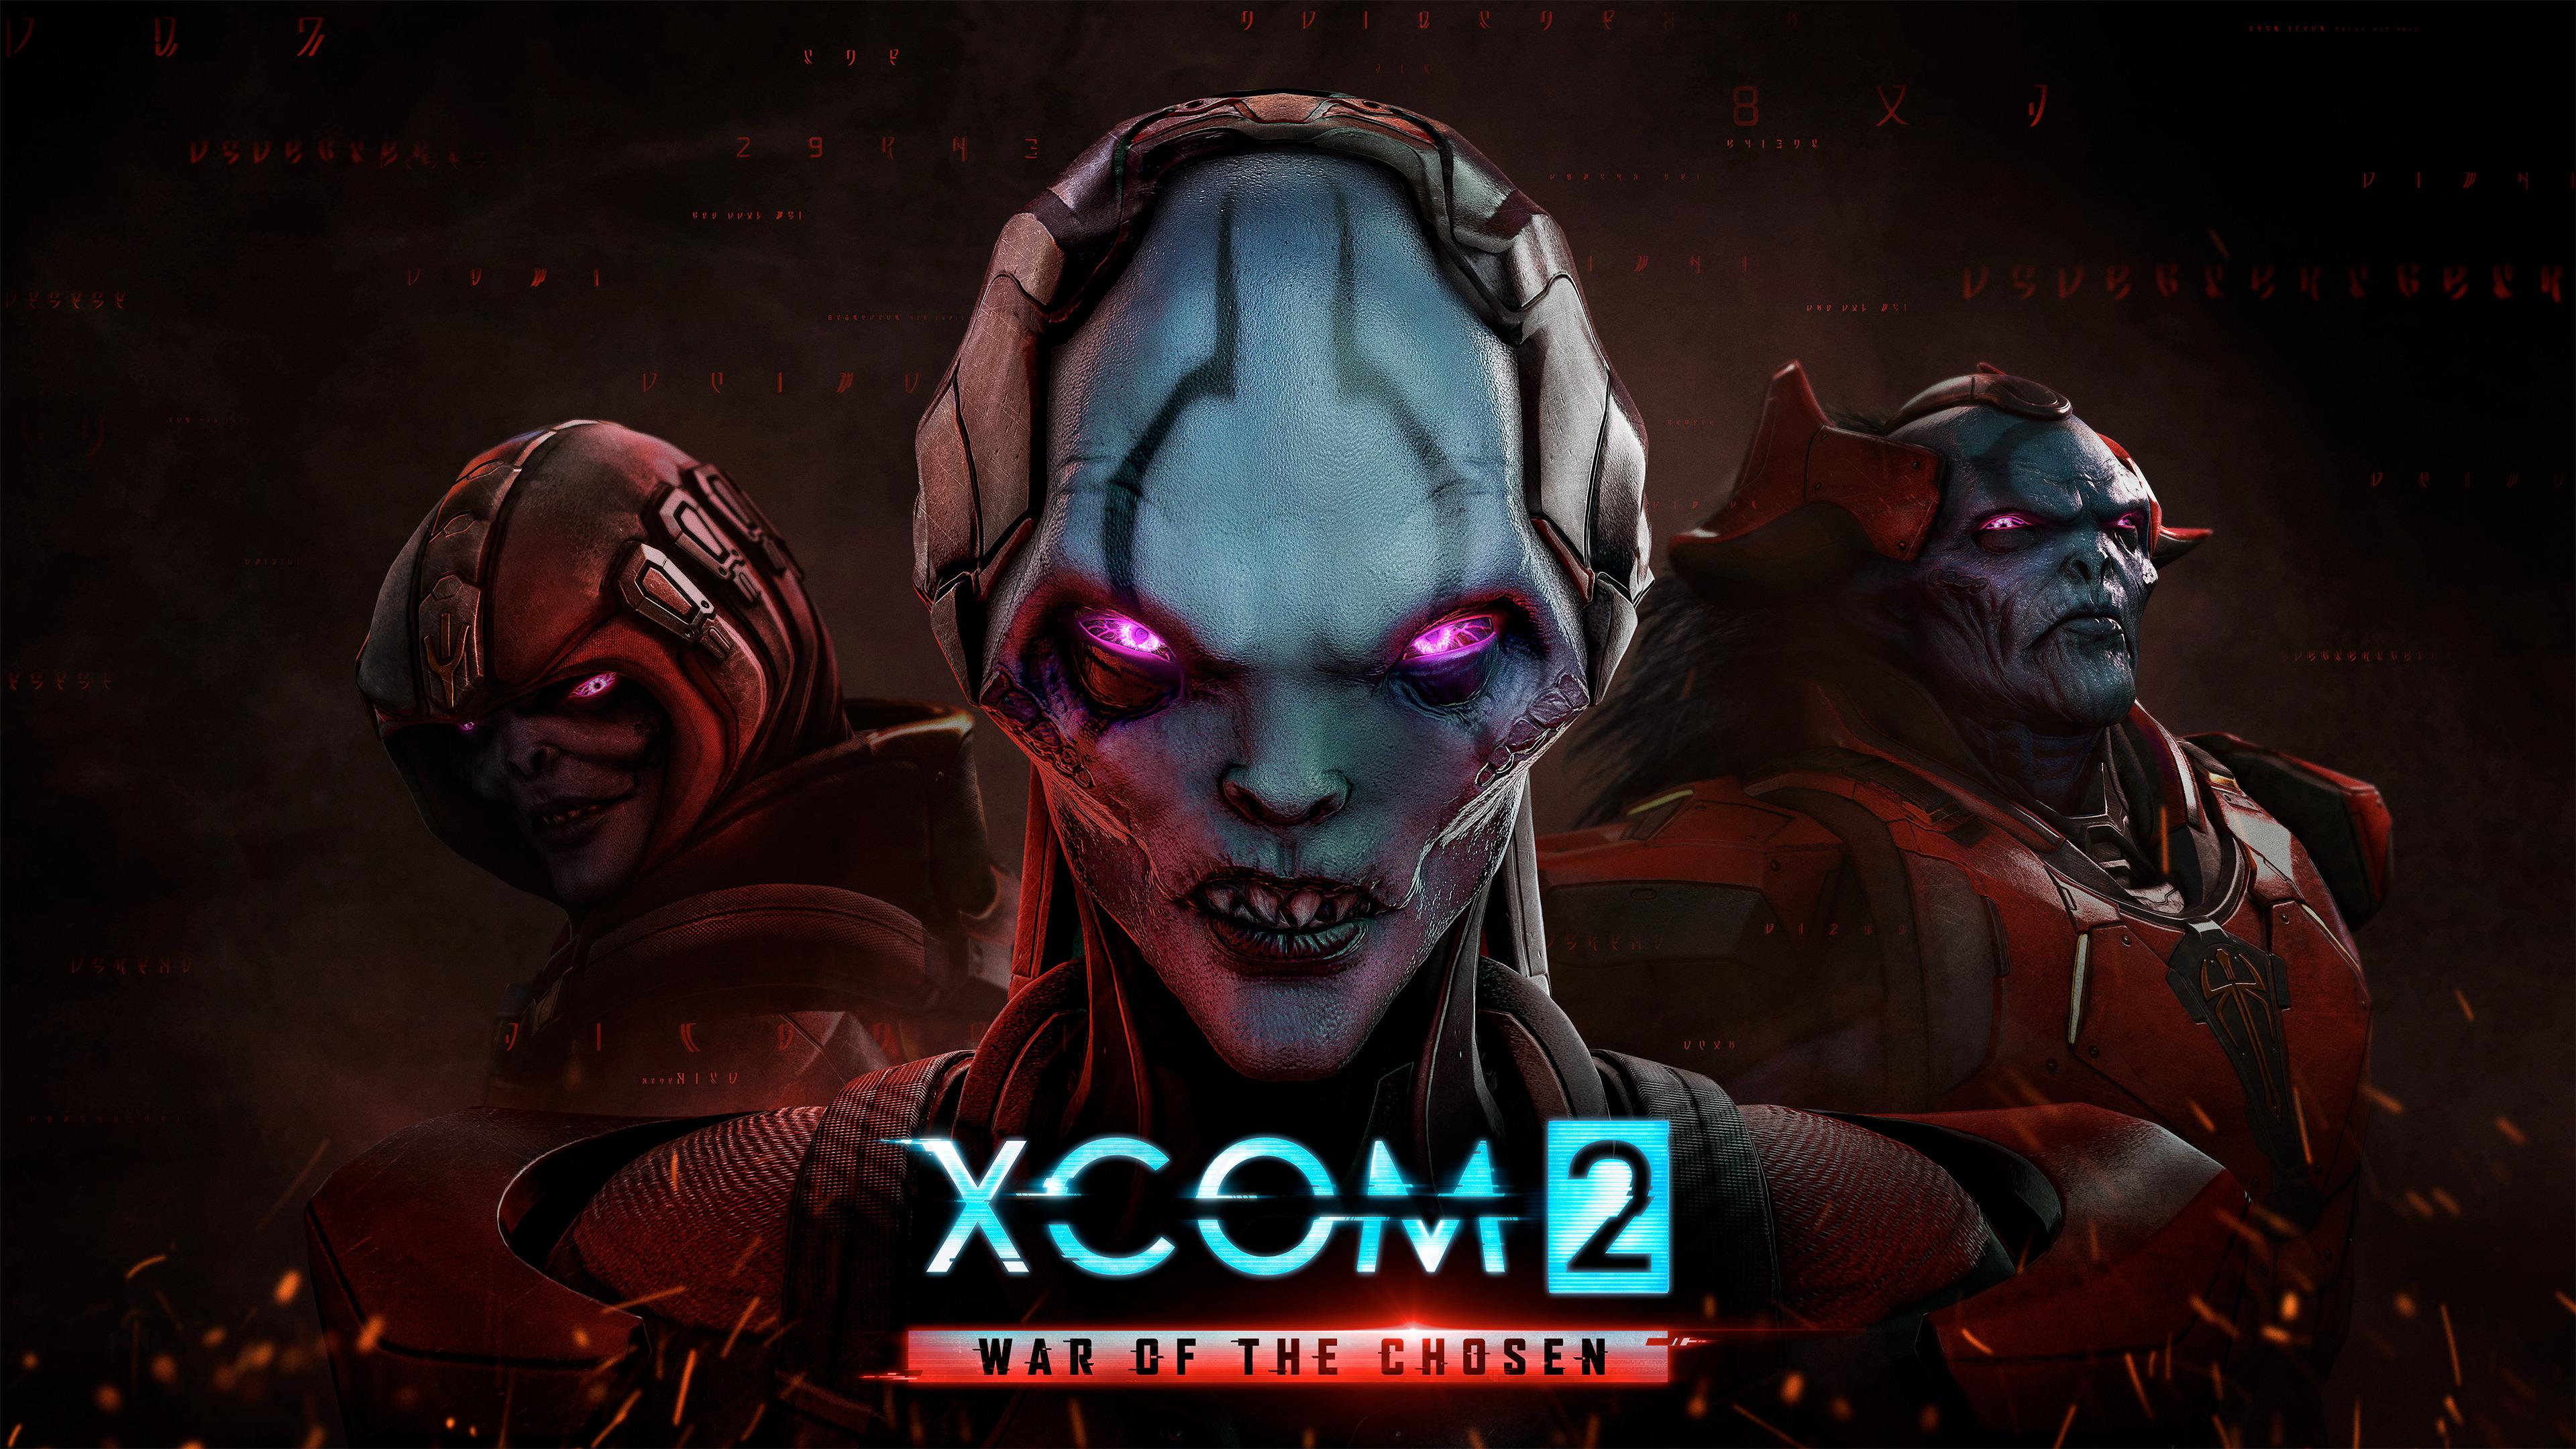 В XCOM 2 войны выбрали обои скачать